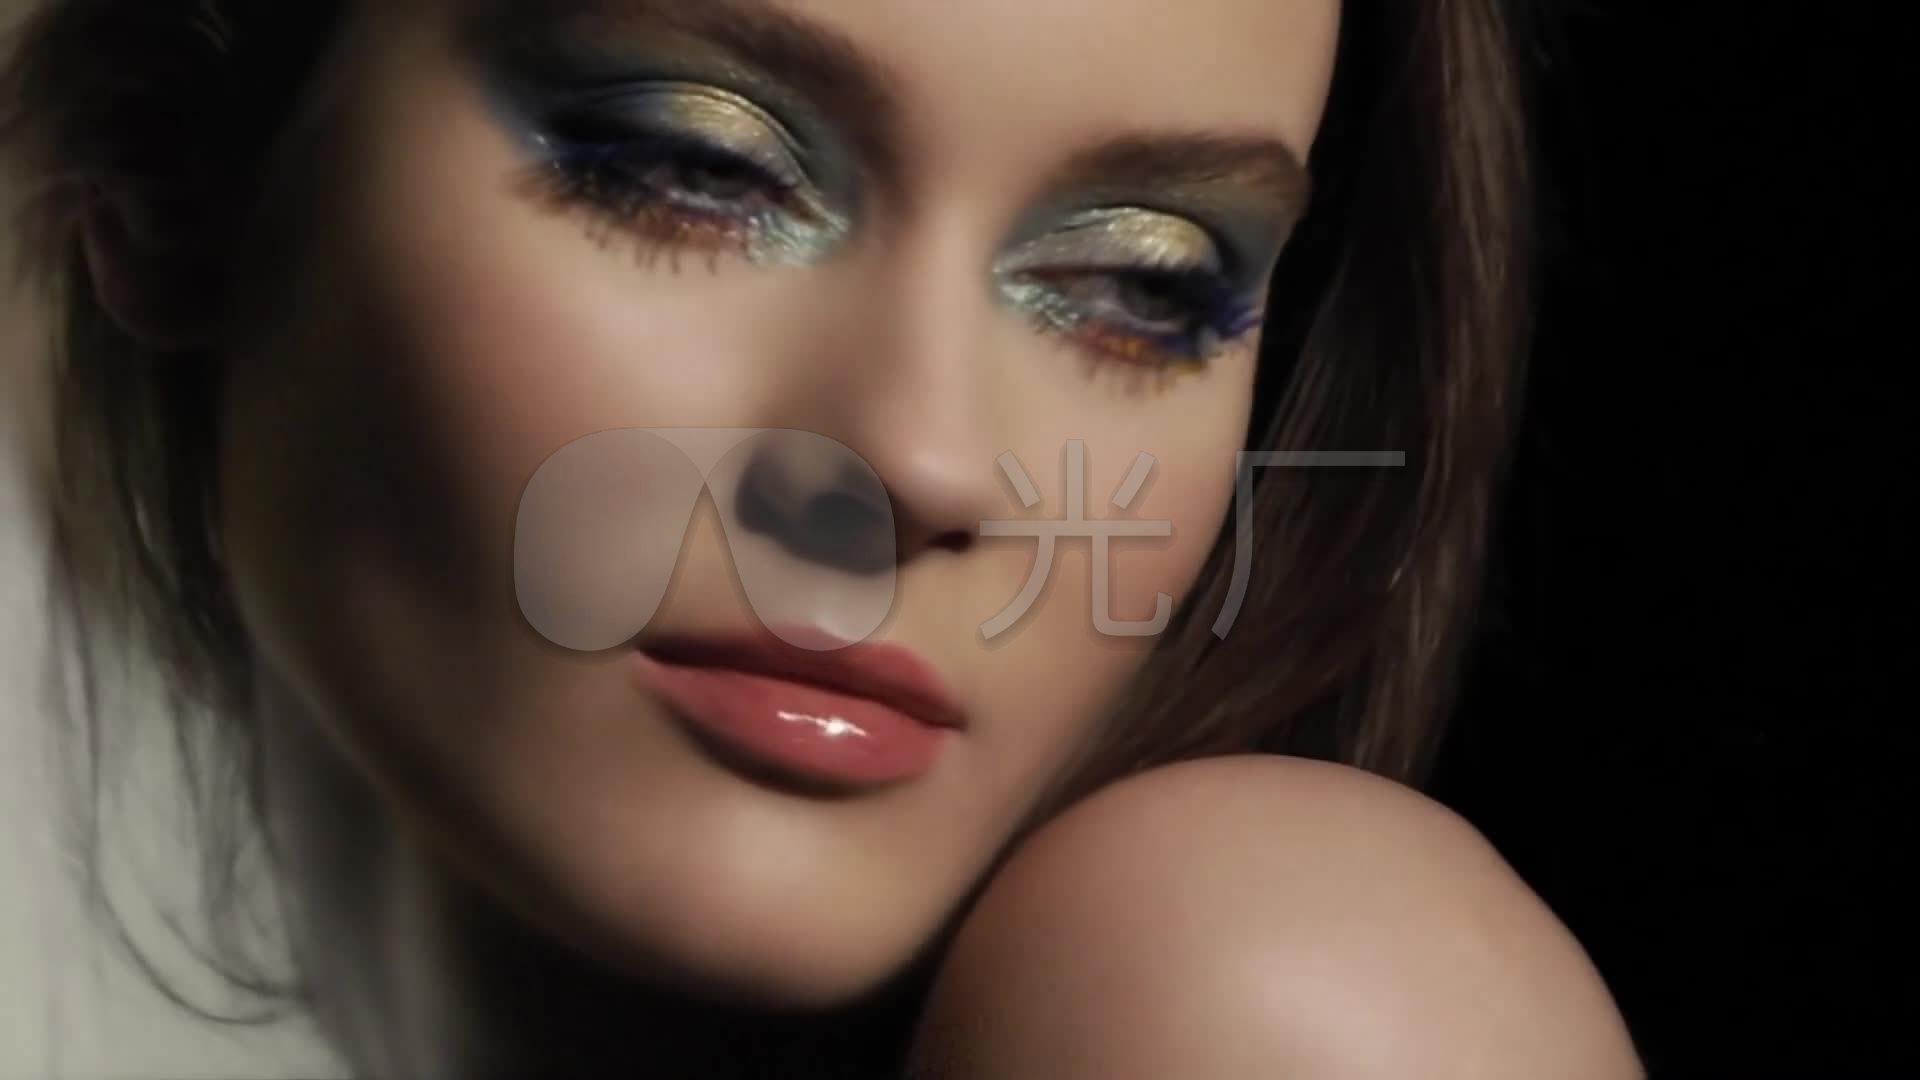 眼影性感模特性感本田_1920X1080_视频内衣时尚莉眼霜图子高清图片